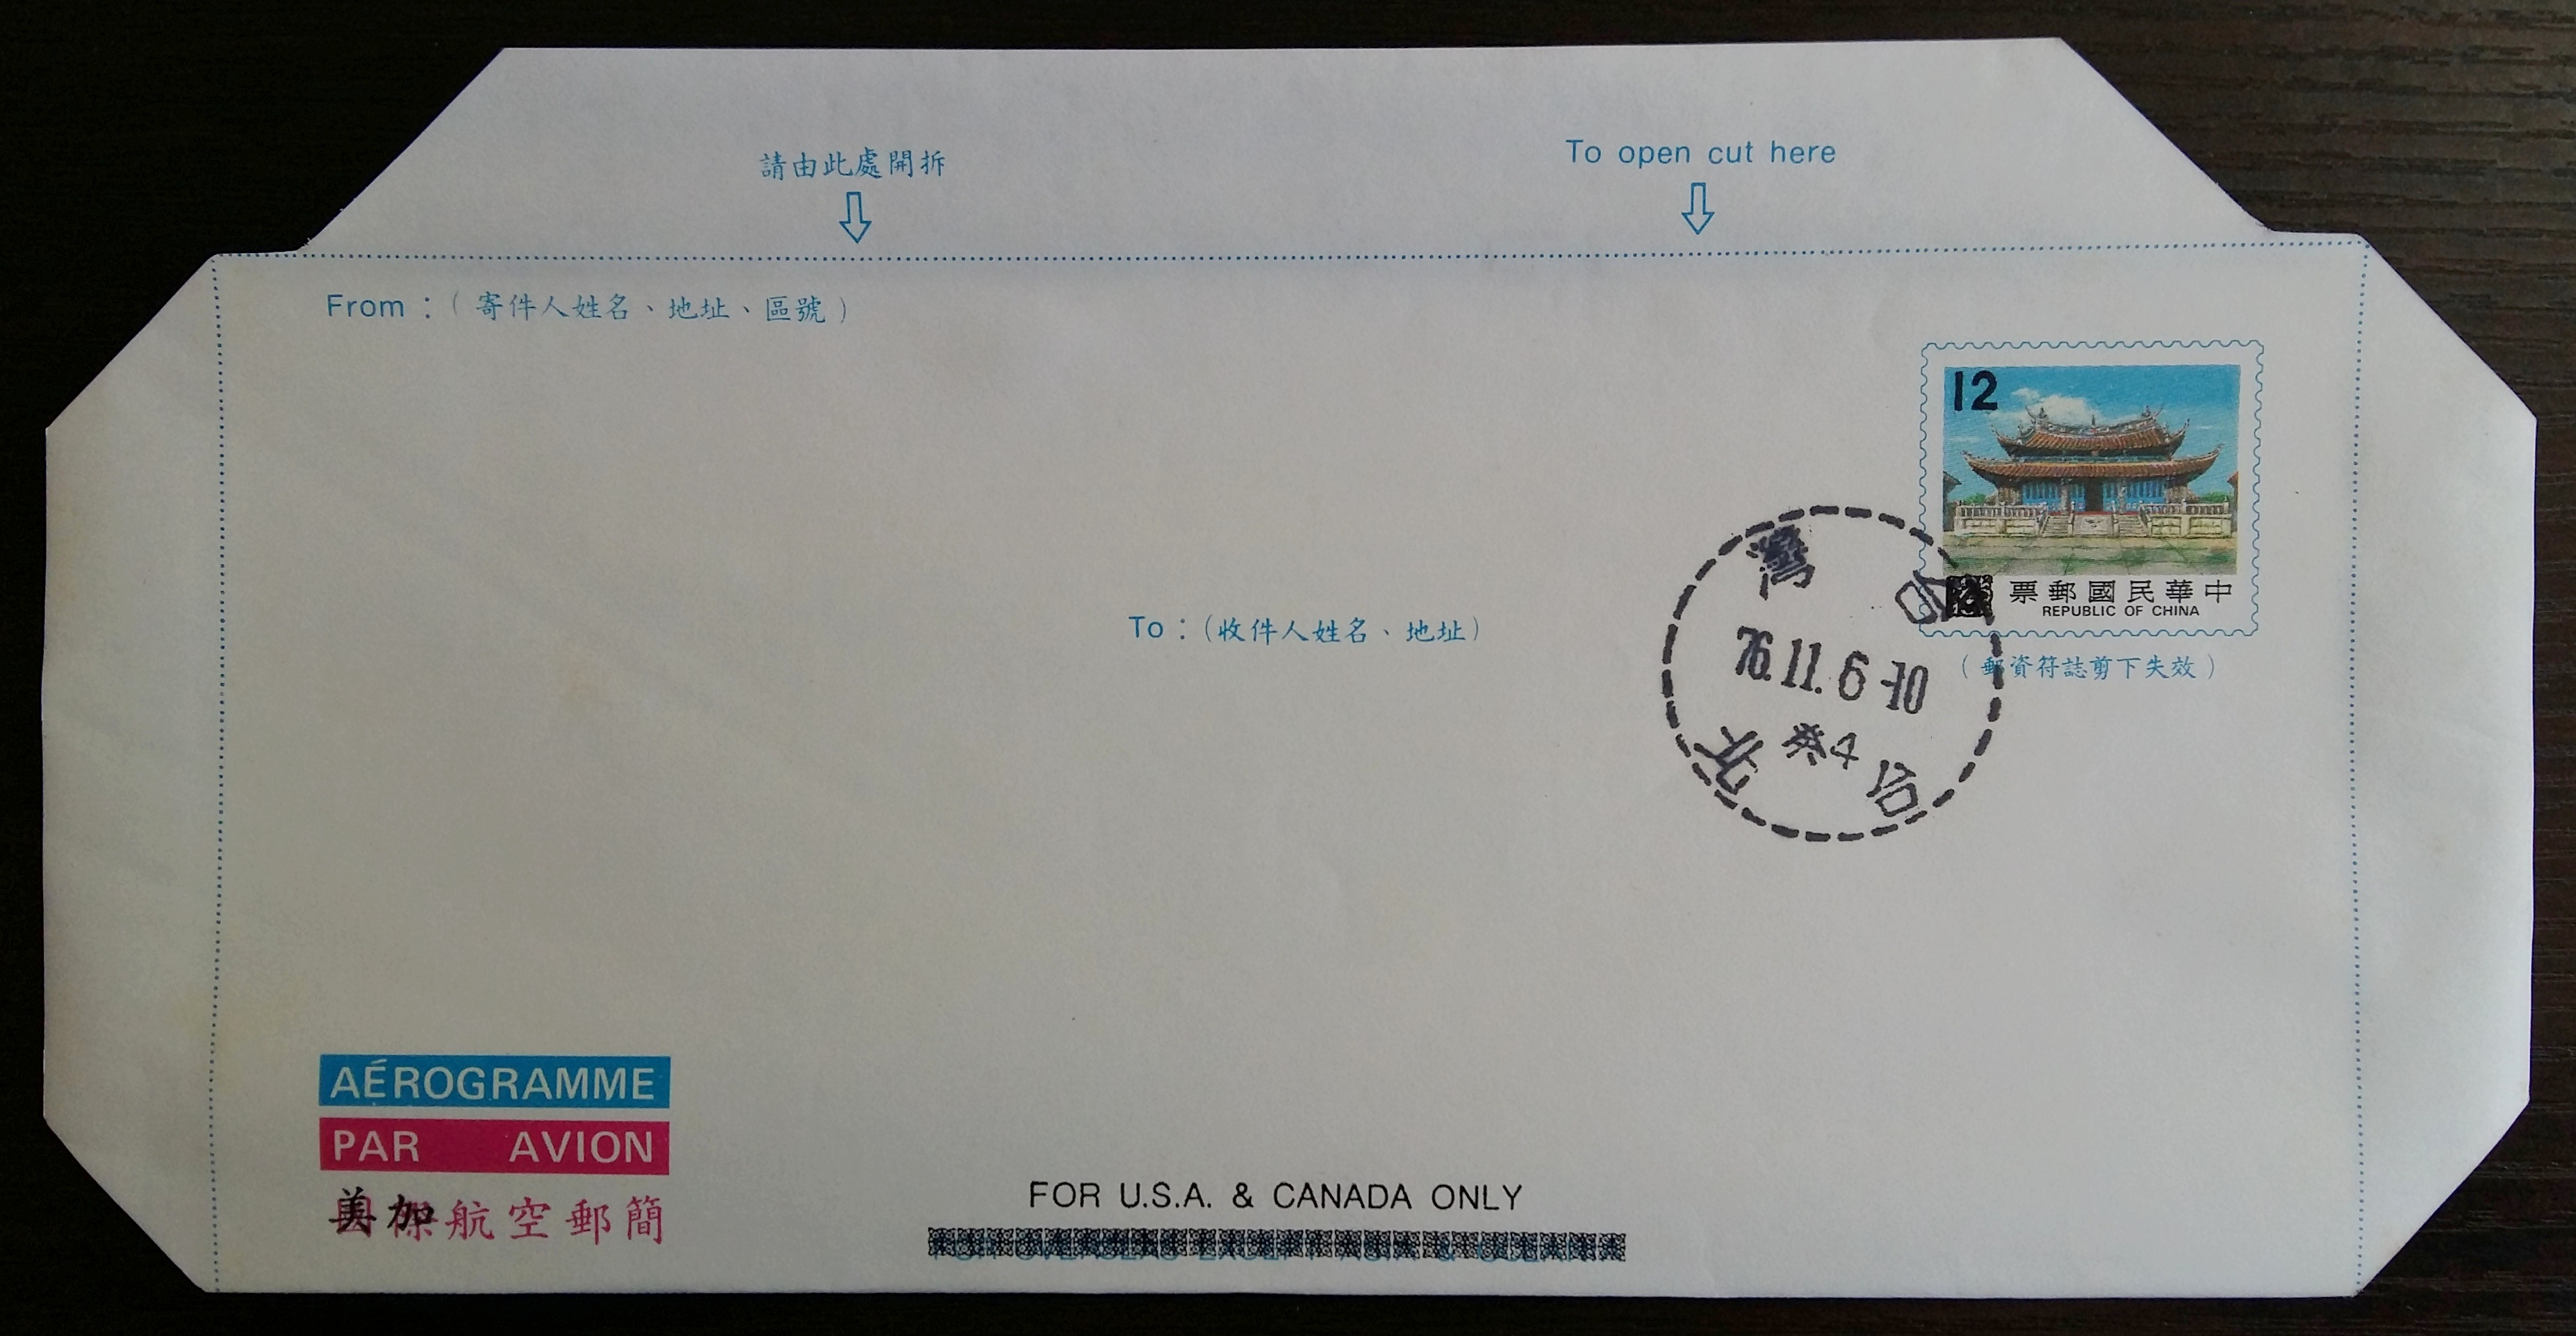 76-летний национальный музей-заповедник Тайваня, авиапочта США и Канады, продается в первый день печати в Тайбэе